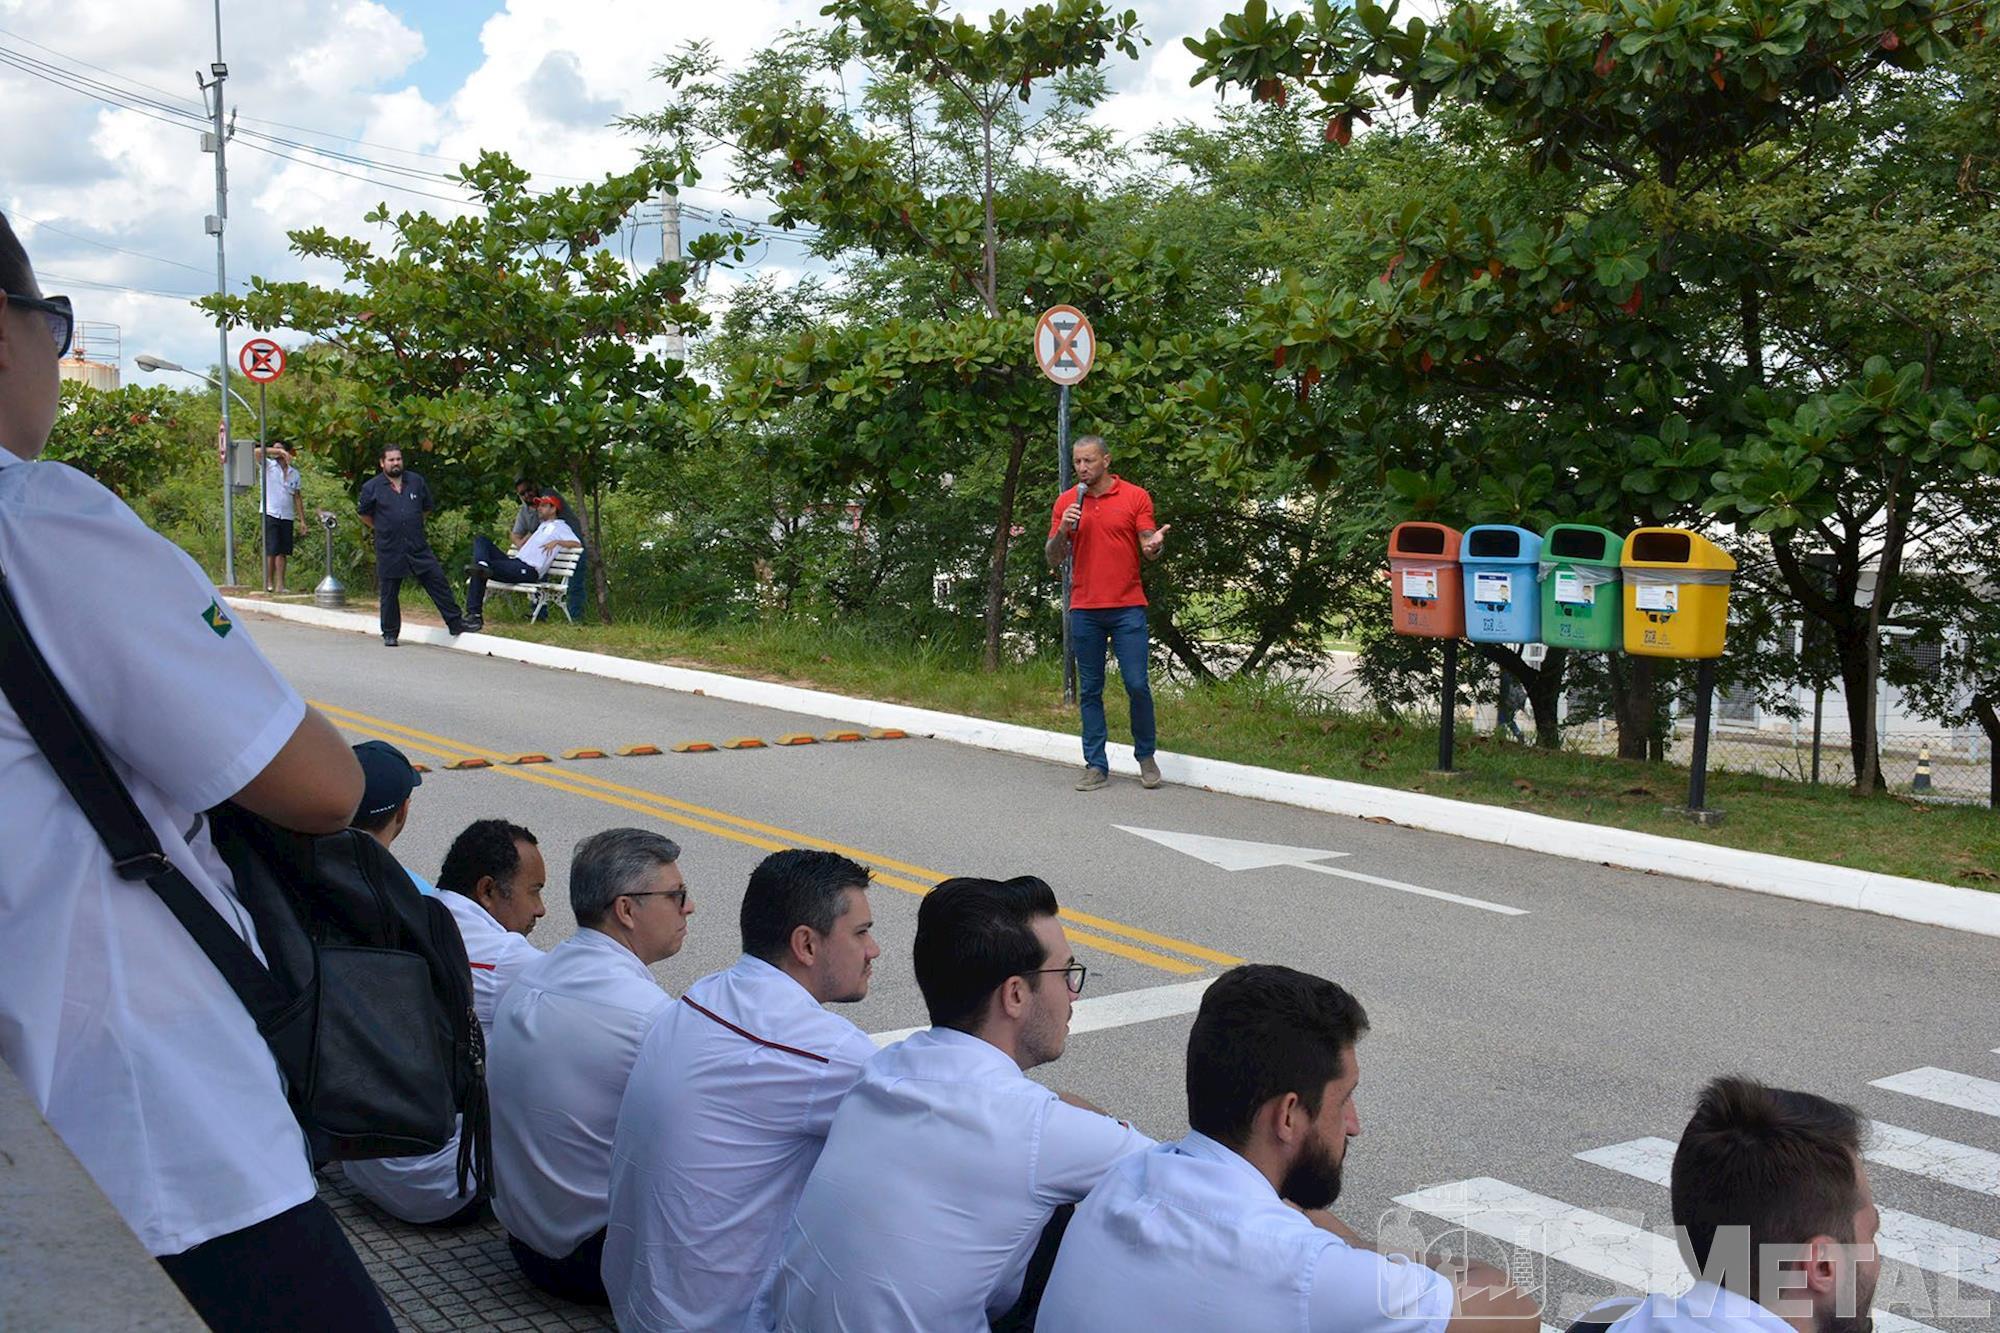 Assembleias na ZF do Brasil (Planta 1 e 2) e Bosch, assembleia,  zf,  bosch,  sorocaba,  smetal,  , Foguinho e Daniela Gaspari/Imprensa SMetal, Desafios para 2020 são debatidos em assembleia na ZF e Bosch